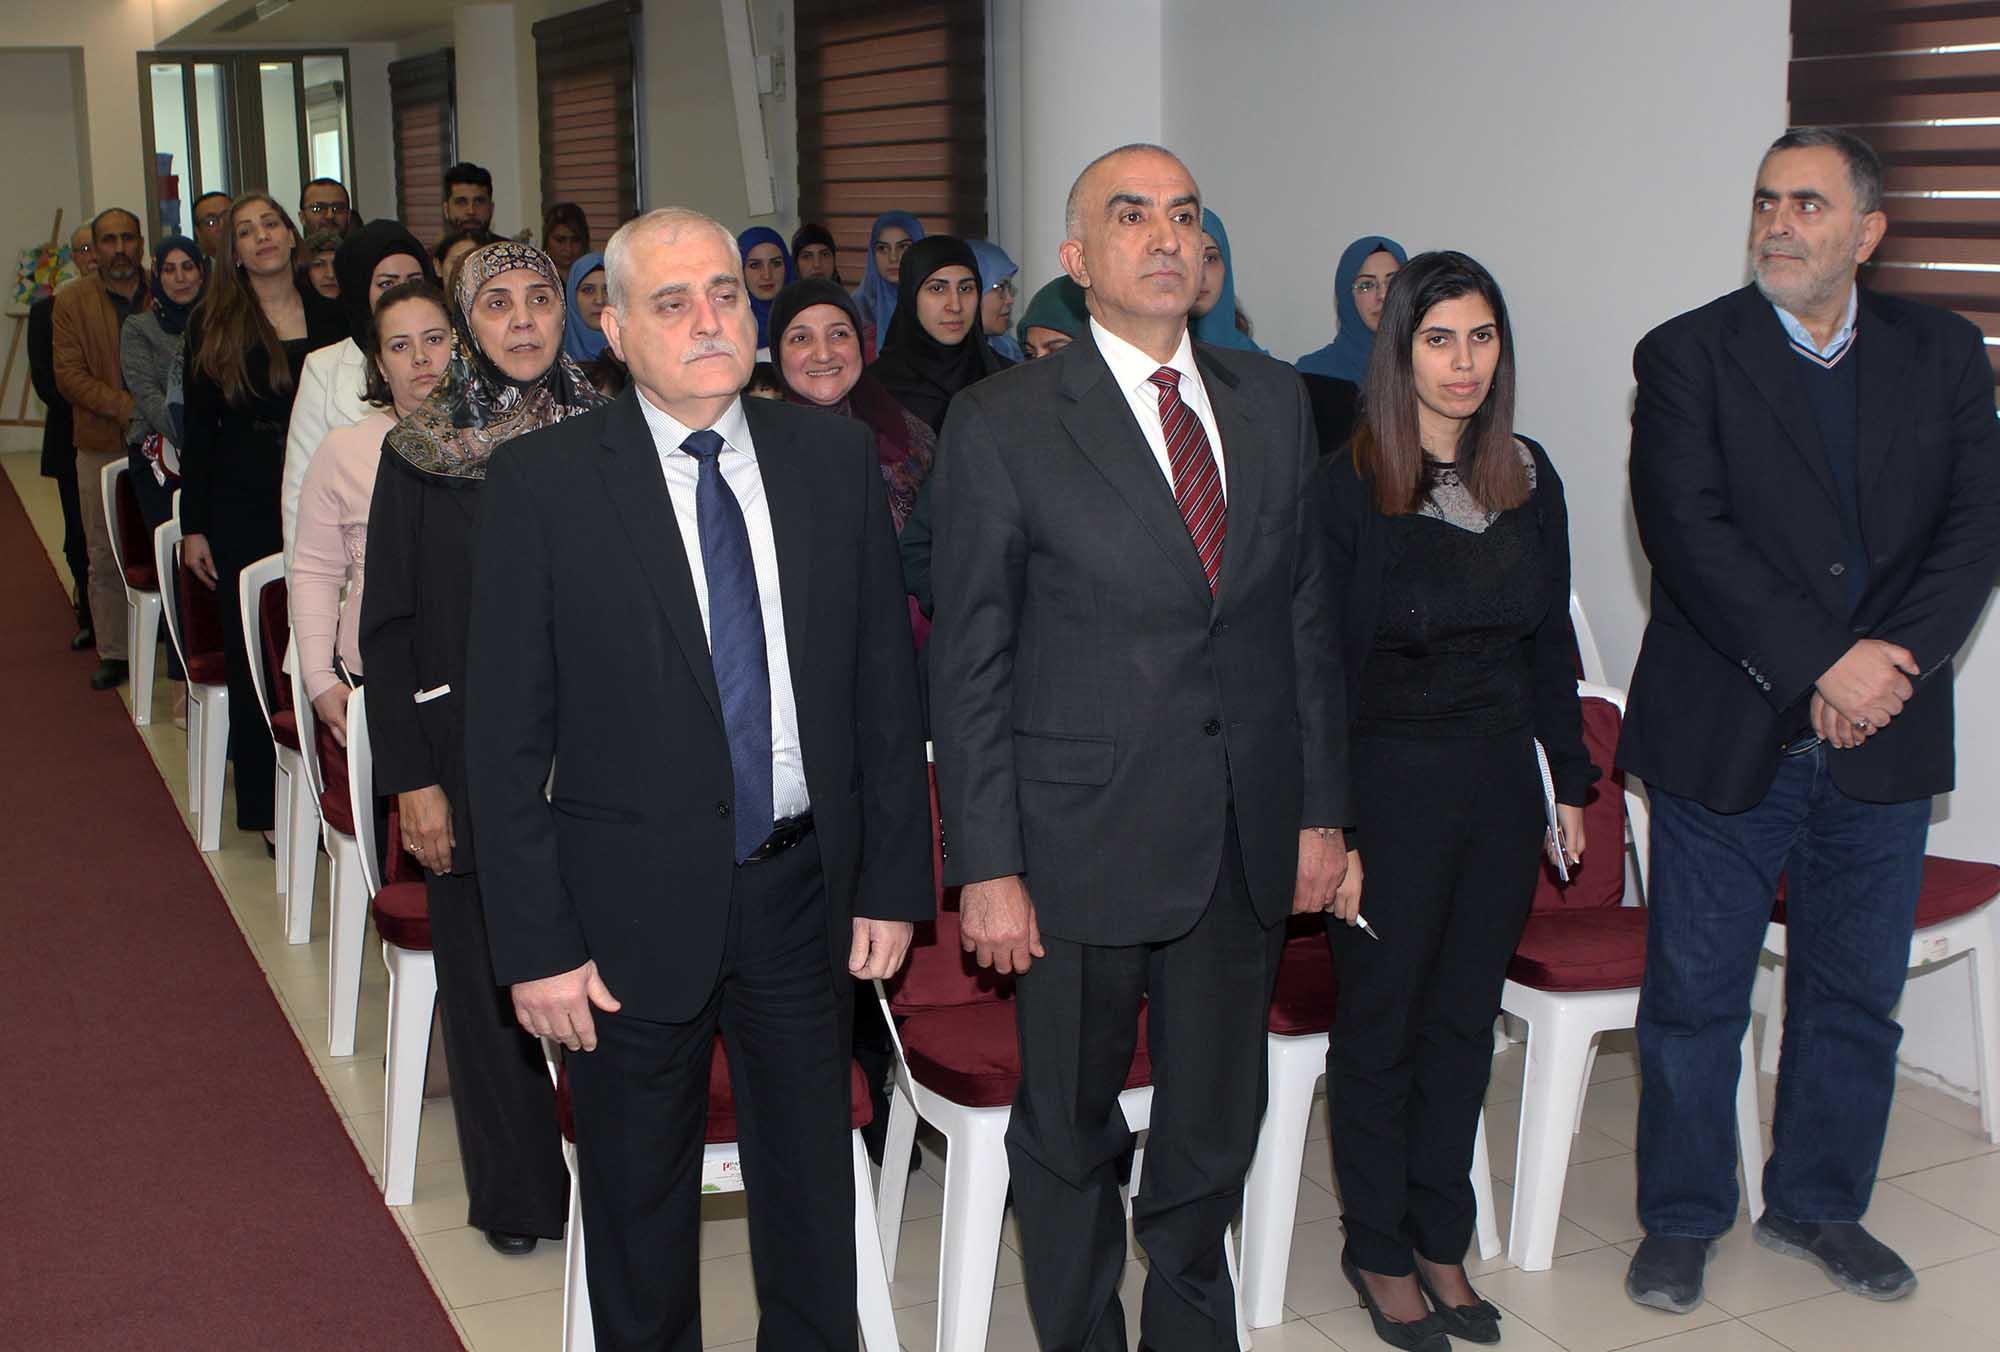 وزارة الصحة-مؤتمر عن التوحد-6